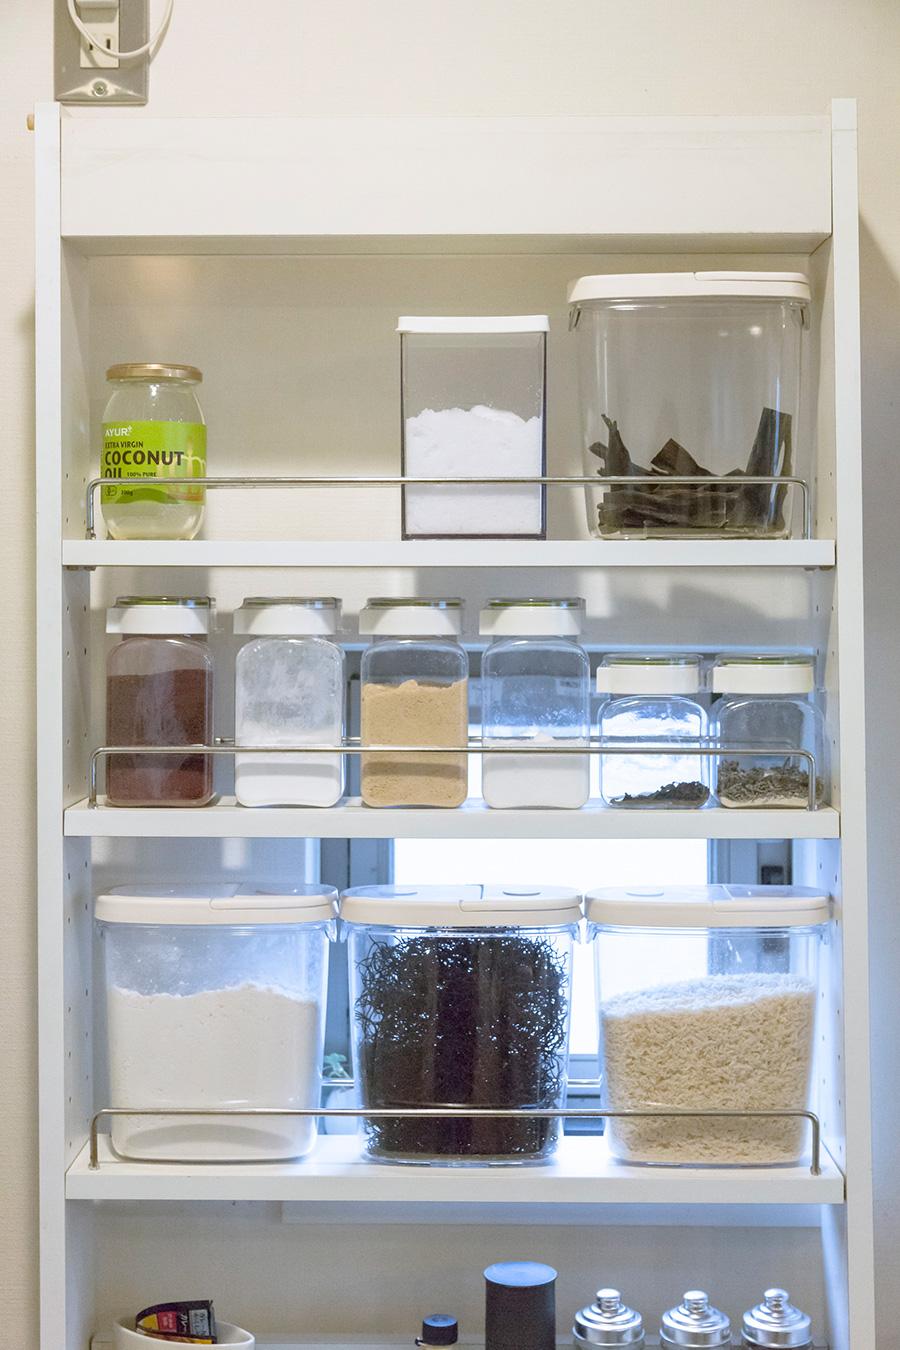 調味料や粉もの、乾物など買ってくるとすぐにクリア容器に。中身が分かりやすいので、必要なものをすぐに手に取ることができる。